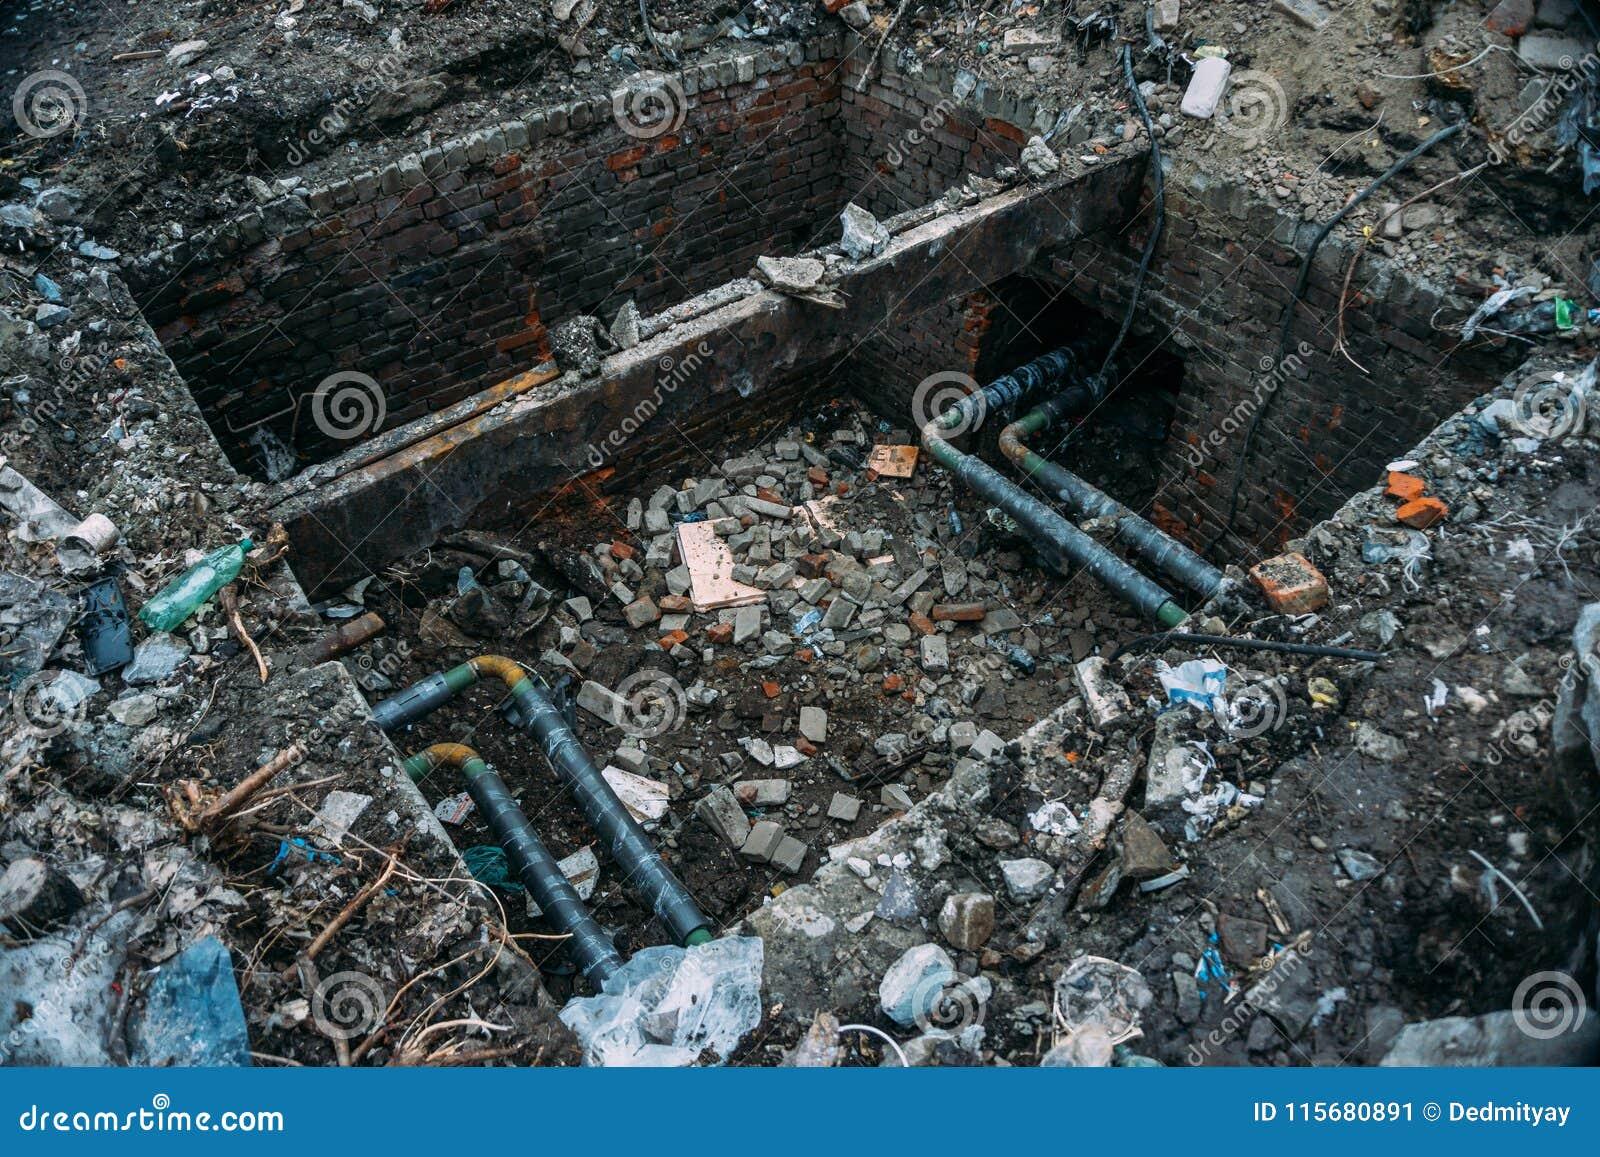 Επισκευή λυμάτων, σωλήνες χάλυβα υπονόμων ή σωλήνωση στο κιβώτιο τούβλου που ανοίγουν για την πρόληψη